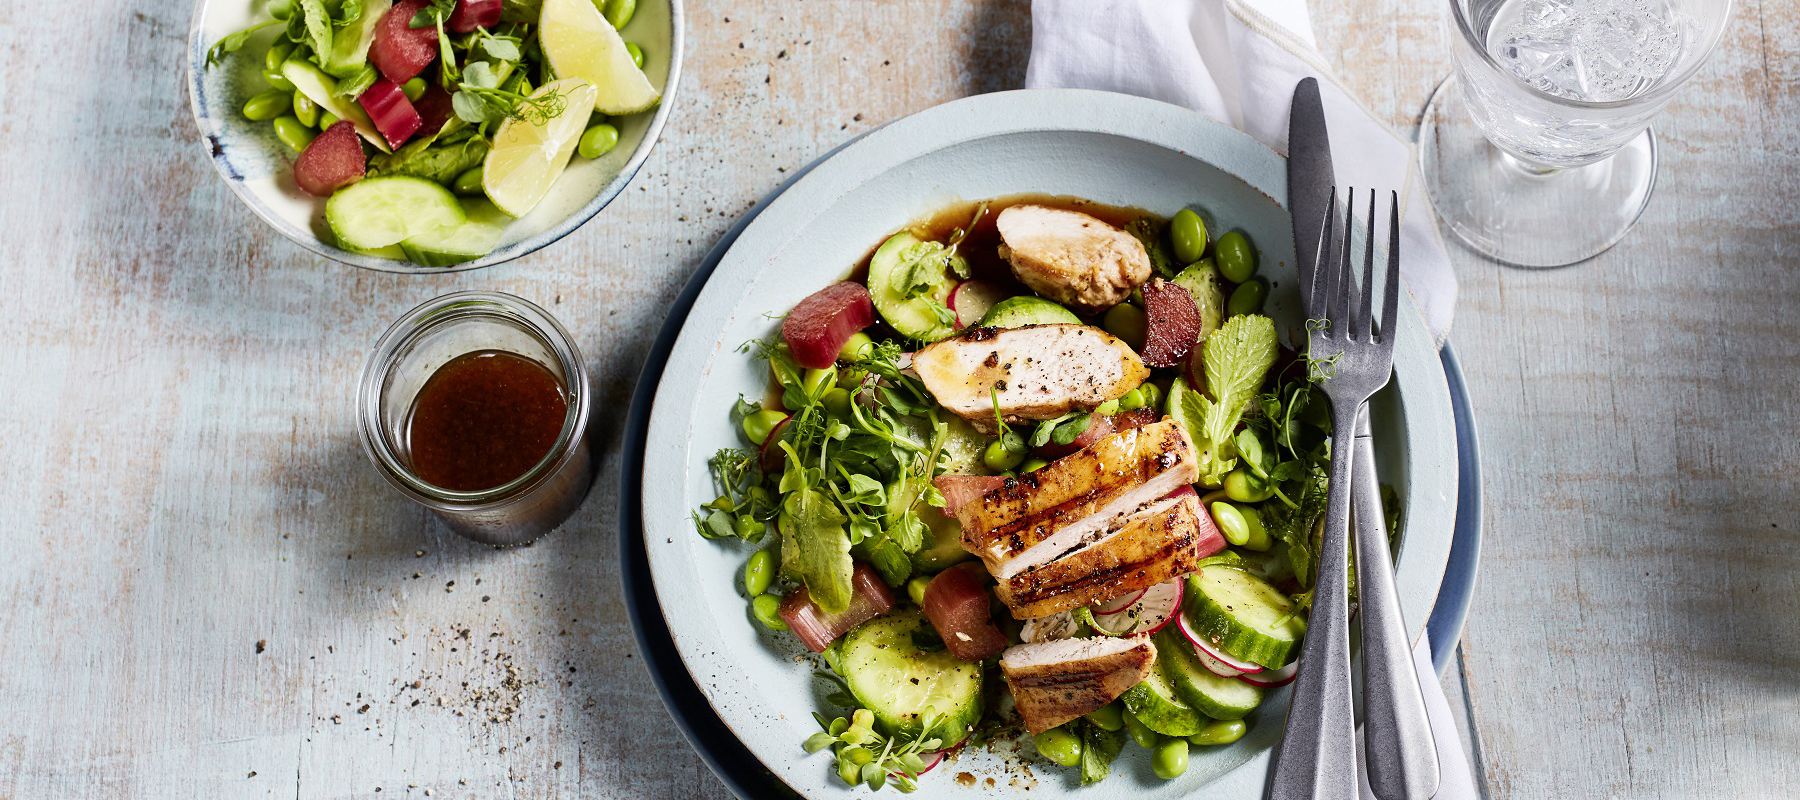 Fitness-Salat mit gegrillter Hähnchenbrust und Rhabarber